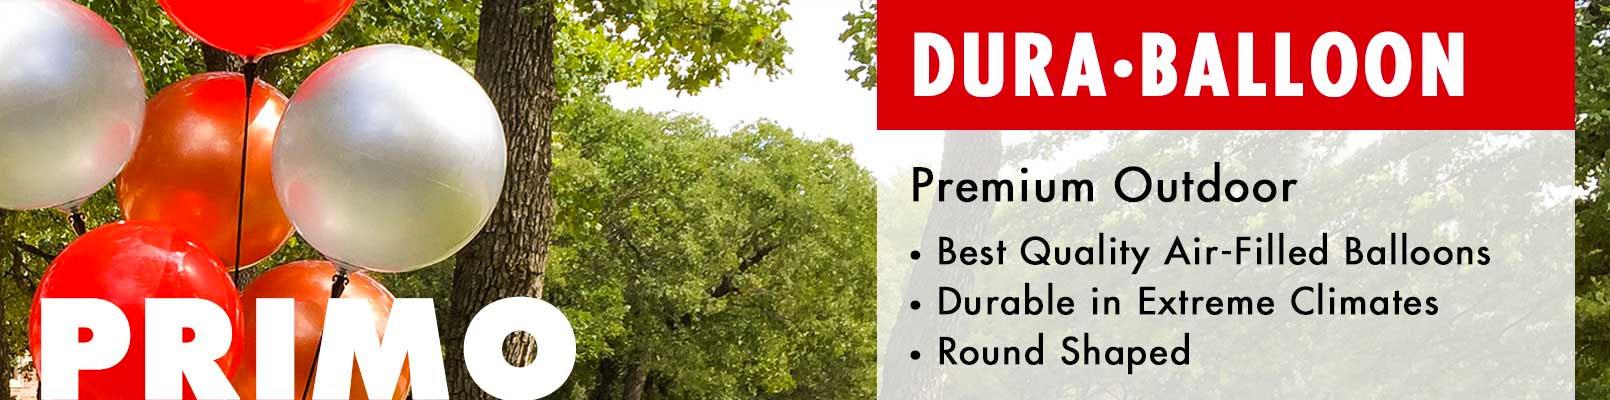 Premium DuraBalloon®